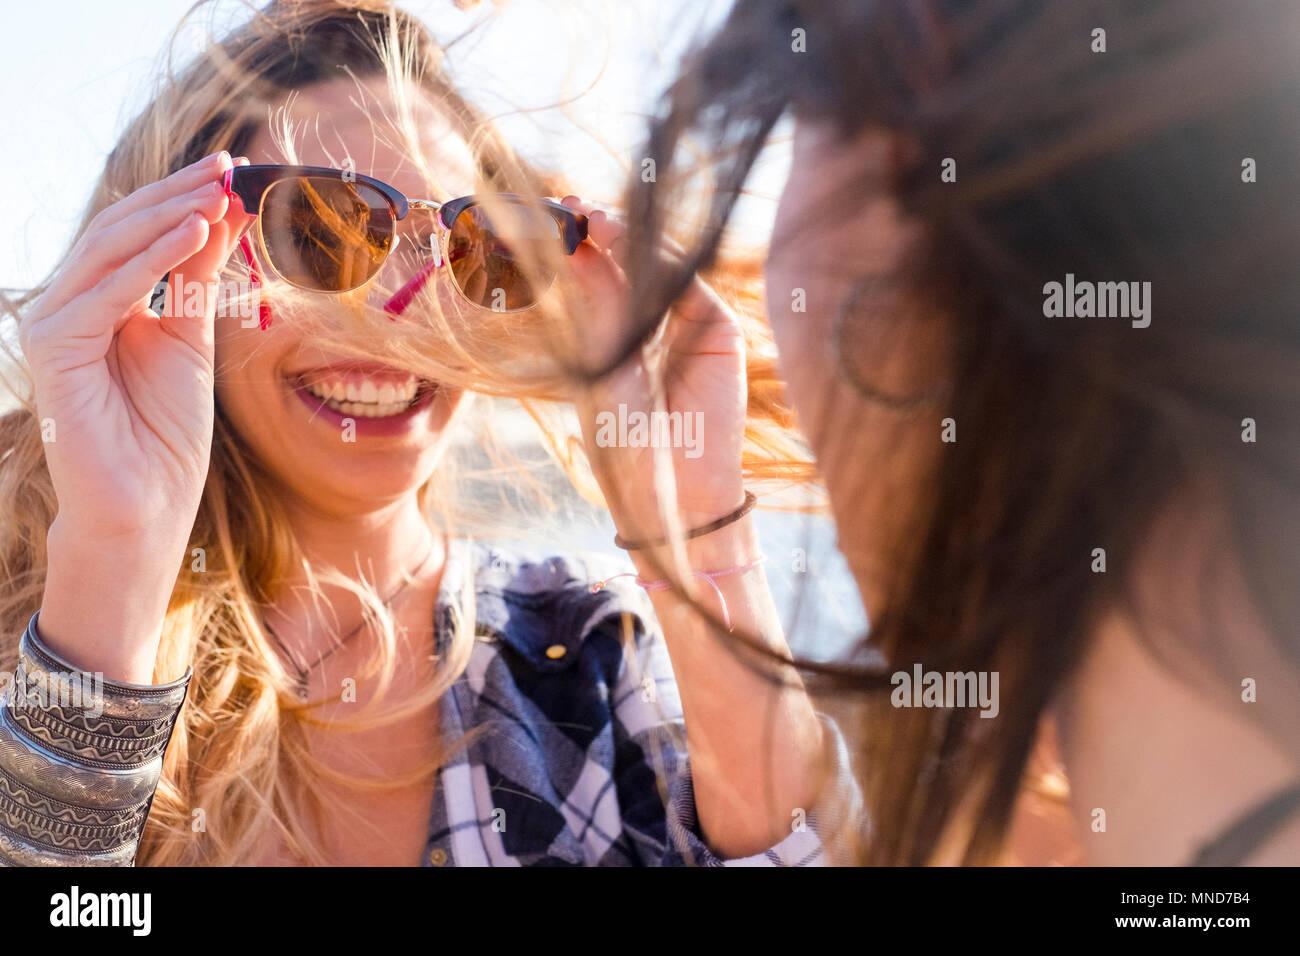 Dos jóvenes bella mujer mira a sí mismos con gafas en un día soleado. Bonita sonrisa visto desde la parte posterior de una mujer. La amistad entre dos españoles Imagen De Stock